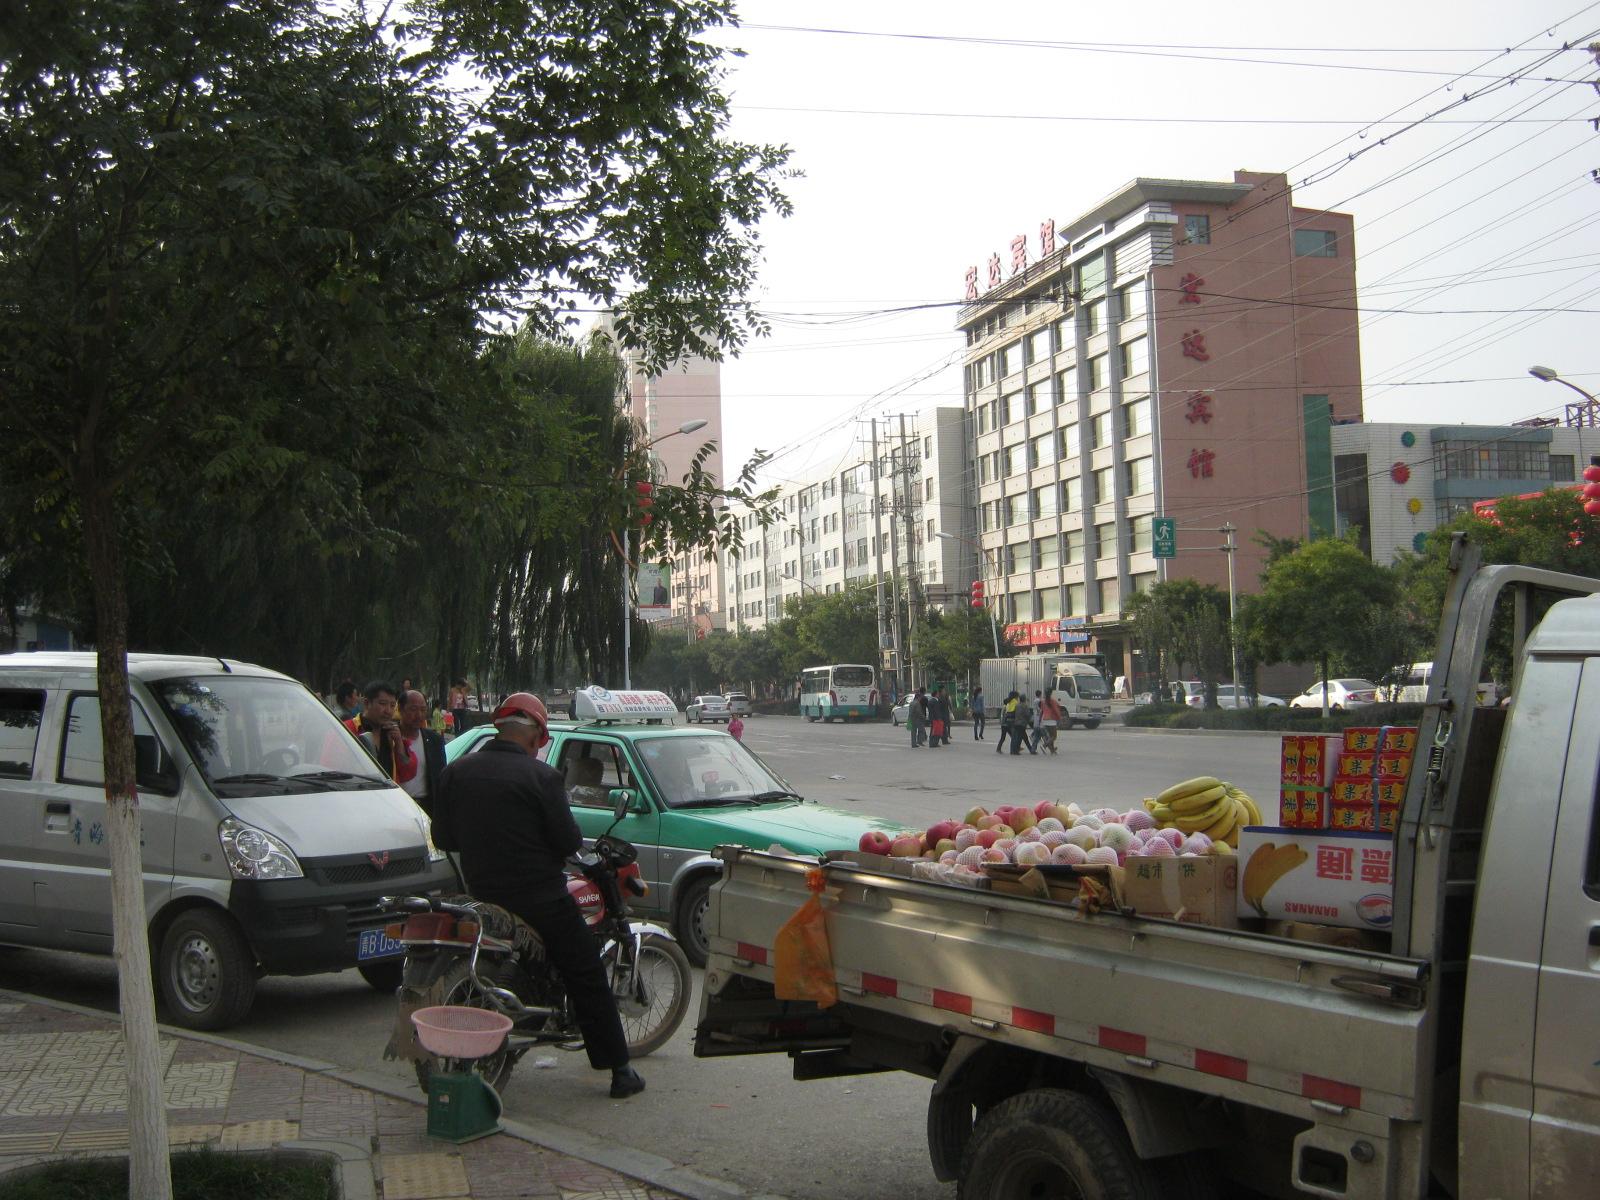 Haidong